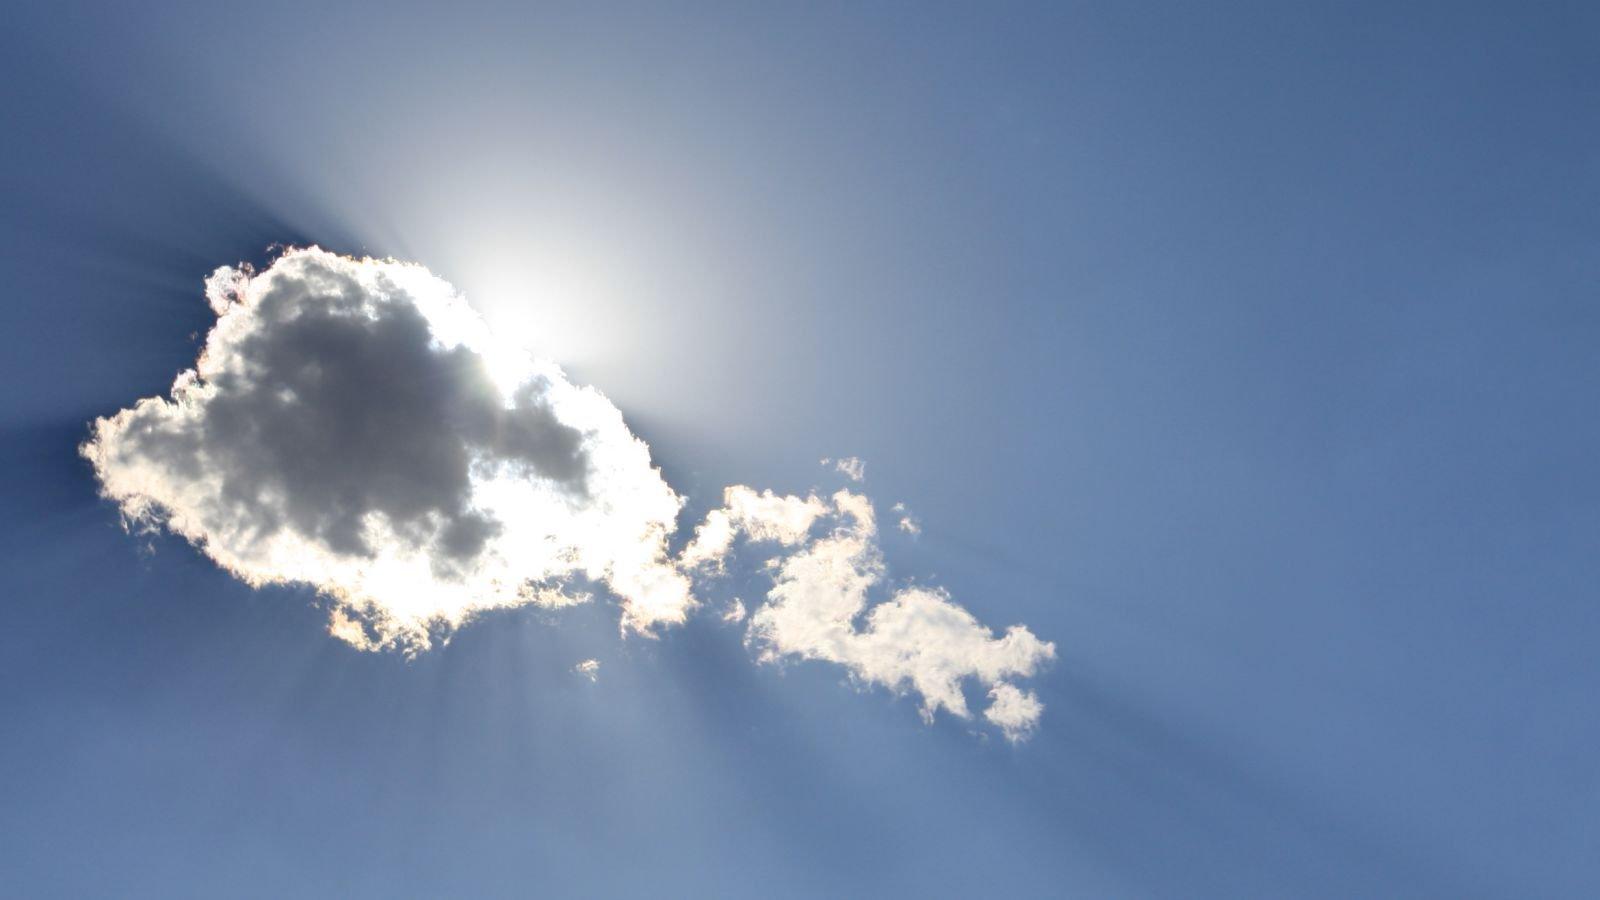 Læs om skyer og skyers påvirkning på klimaet